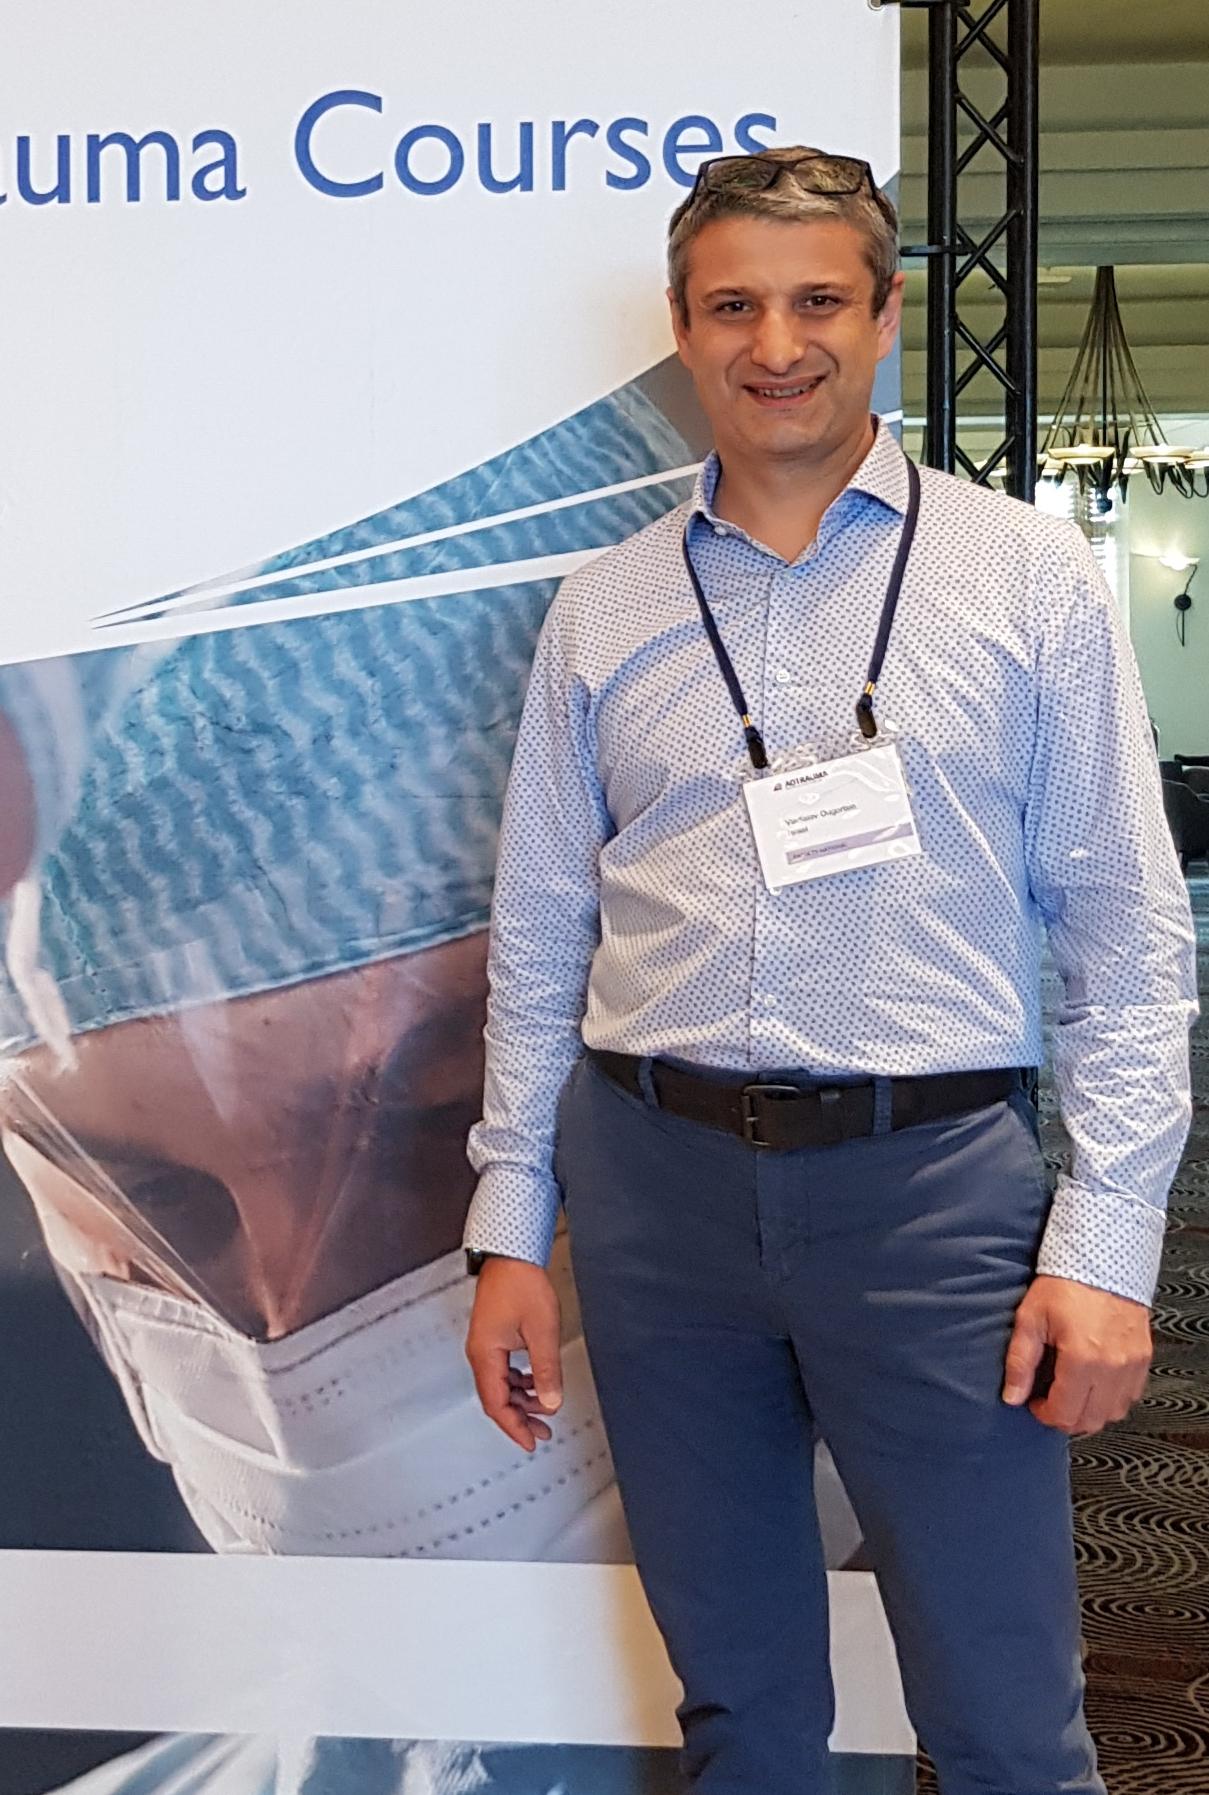 """ד""""ר ולדיסלב אוגורצין מומחה בכירורגיה אורתופדית"""